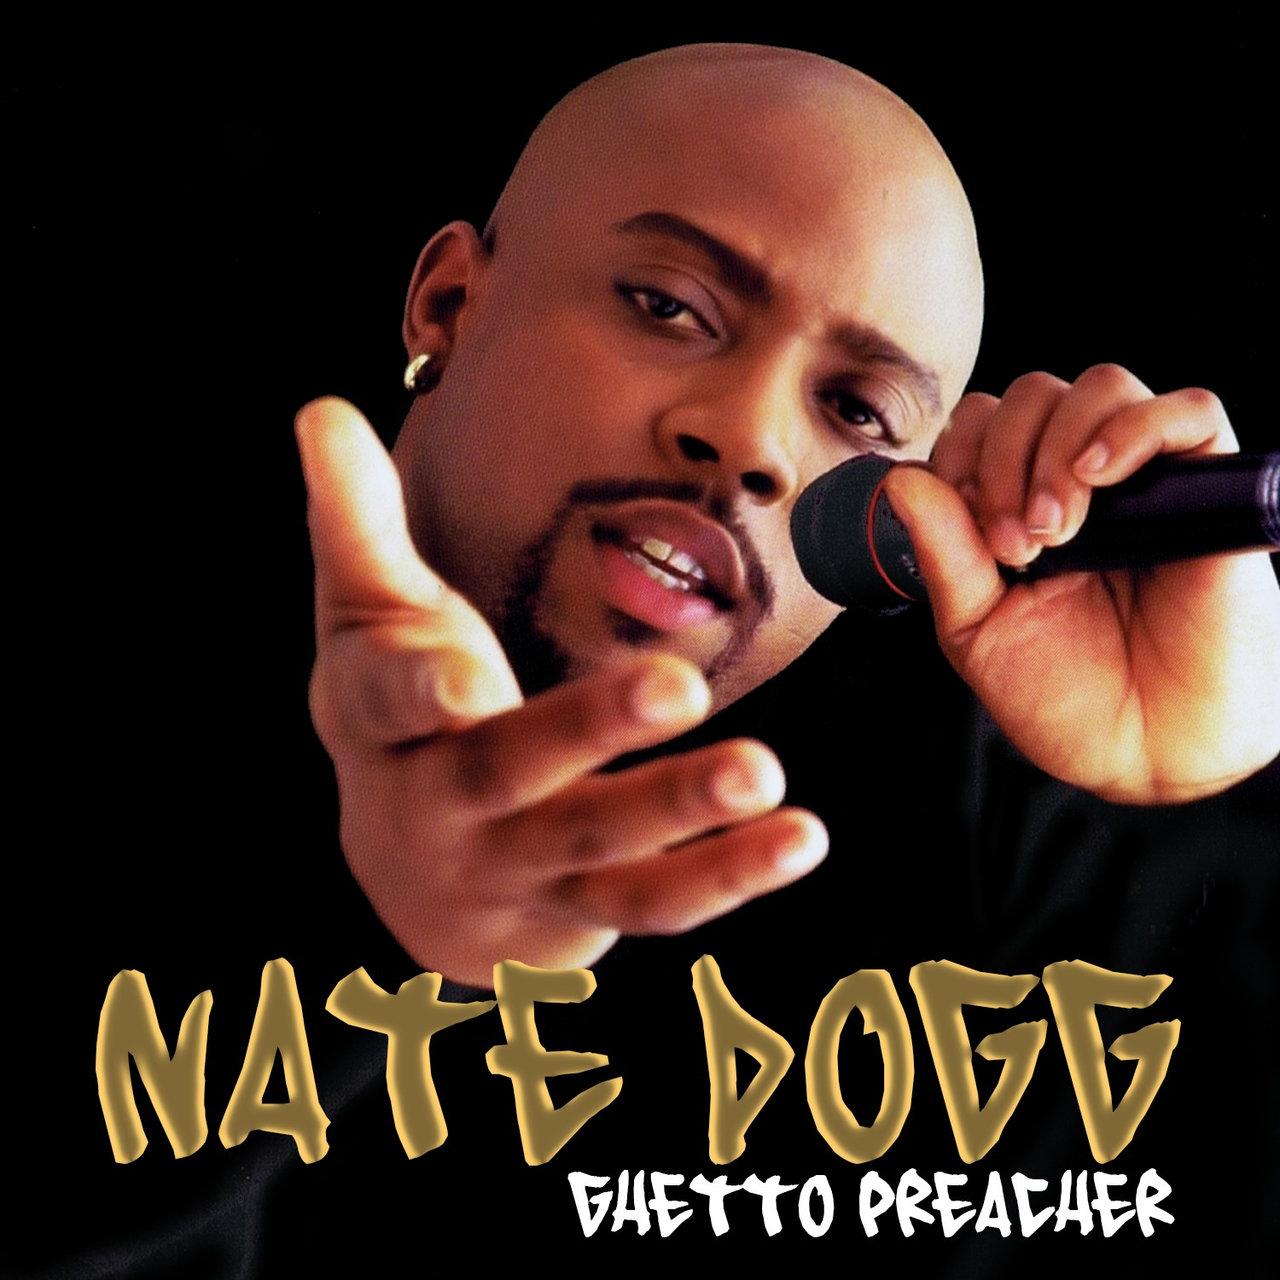 Resultado de imagen para Nate Dogg Ghetto Preacher (Digitally Remastered)